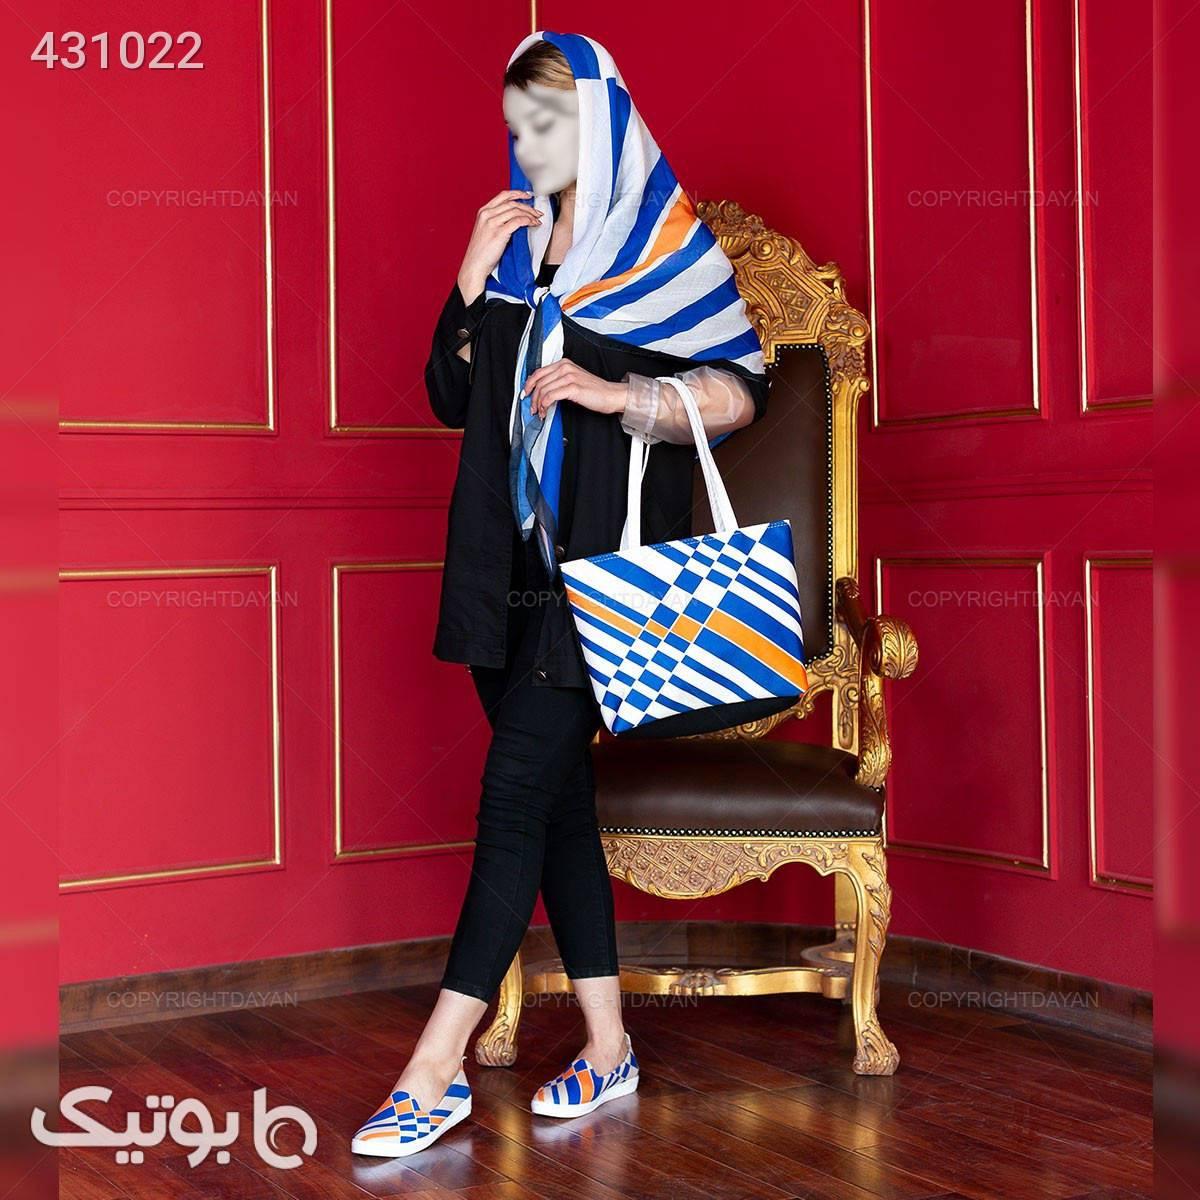 ست سه تیکه زنانه Selin مدل 12764  آبی شال و روسری